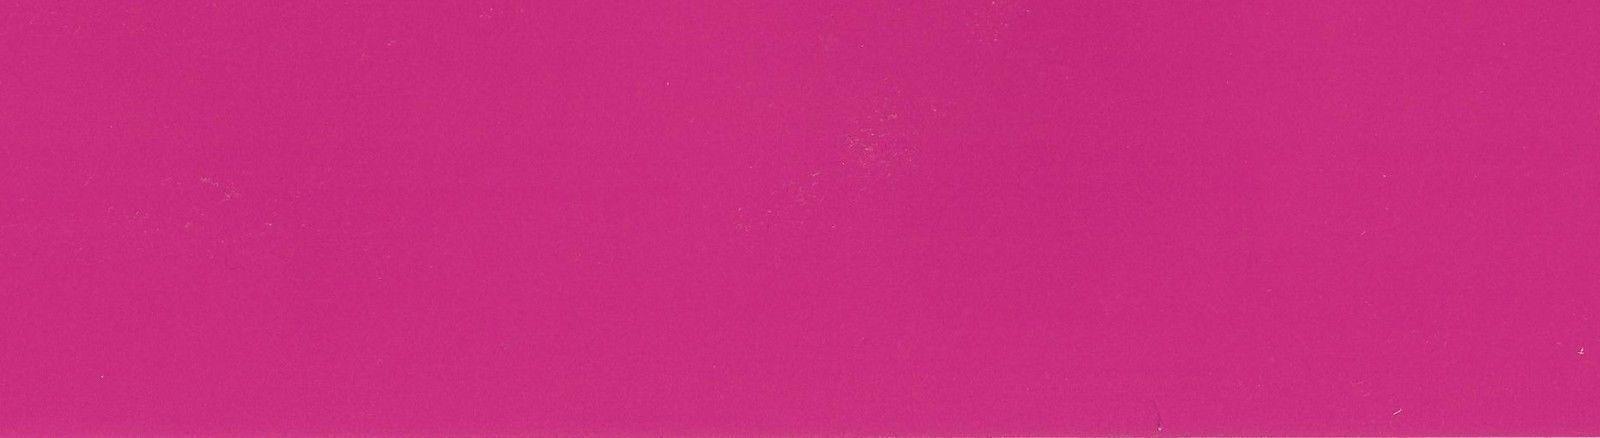 3 75 Solid Hot Pink Peel Stick Wallpaper Border Qa4w0413 Women S Designer Wallets Designer Wallets Wallpaper Border